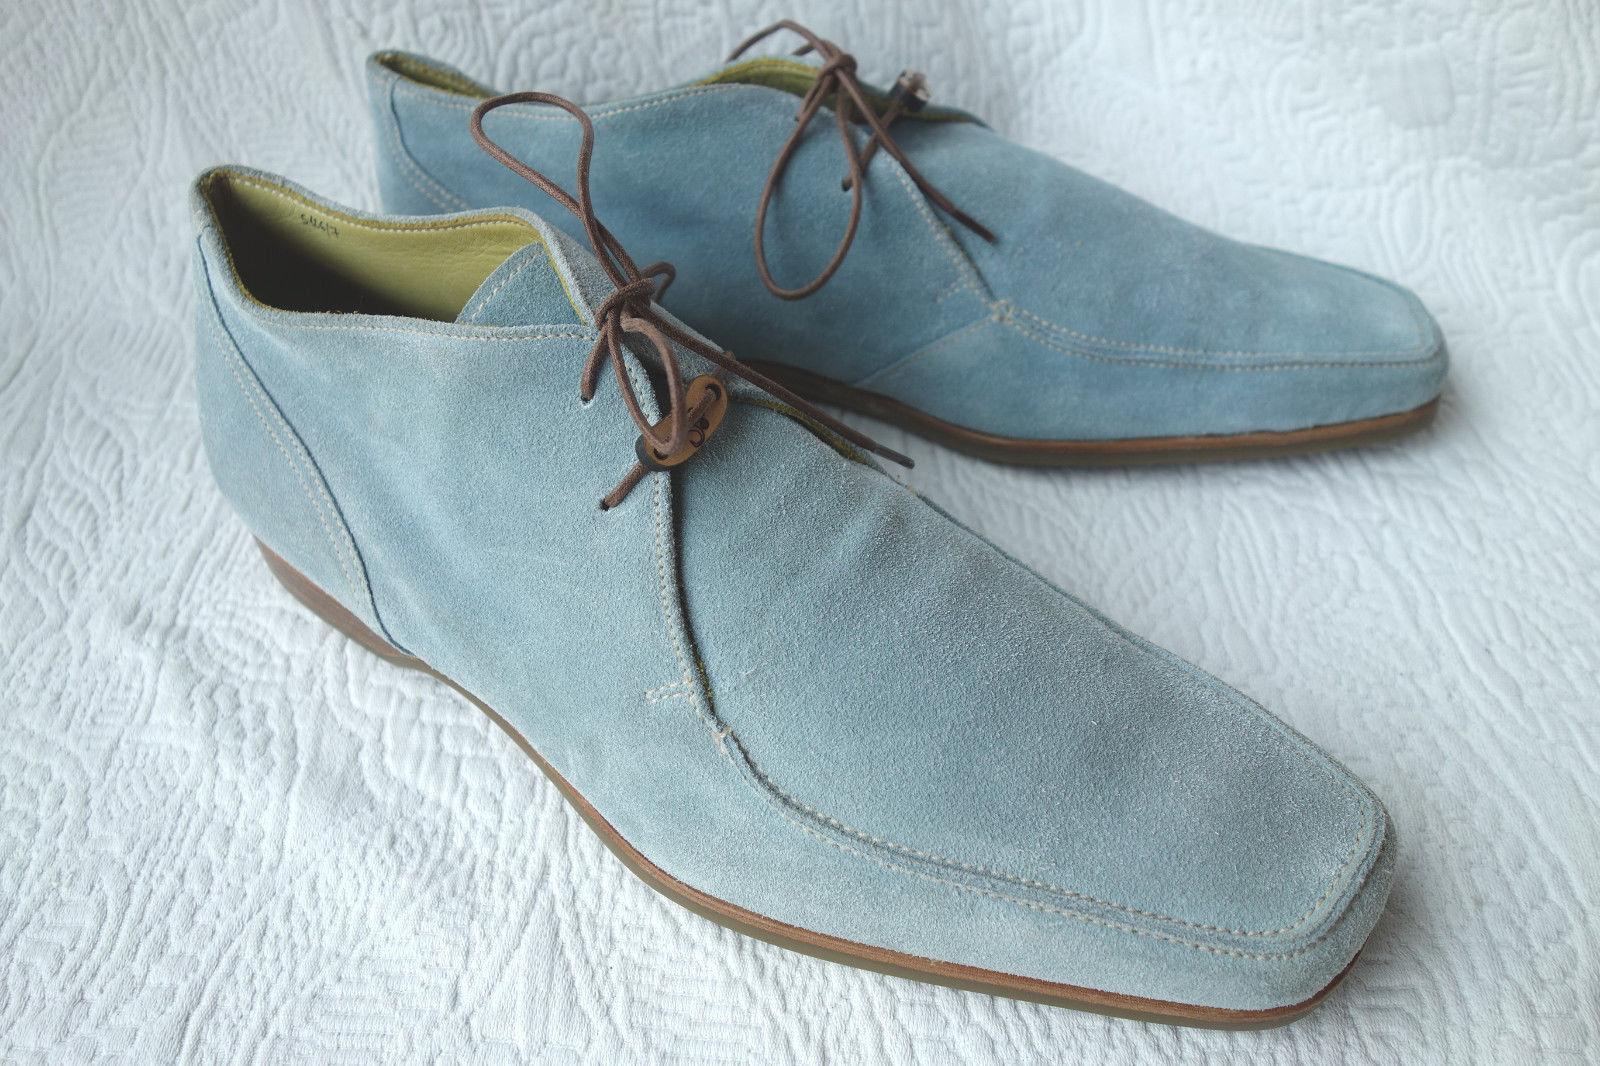 STEFANOBI - Luxus Schuhe aus hellblauem Wildleder ca 42 - neu und sehr leicht